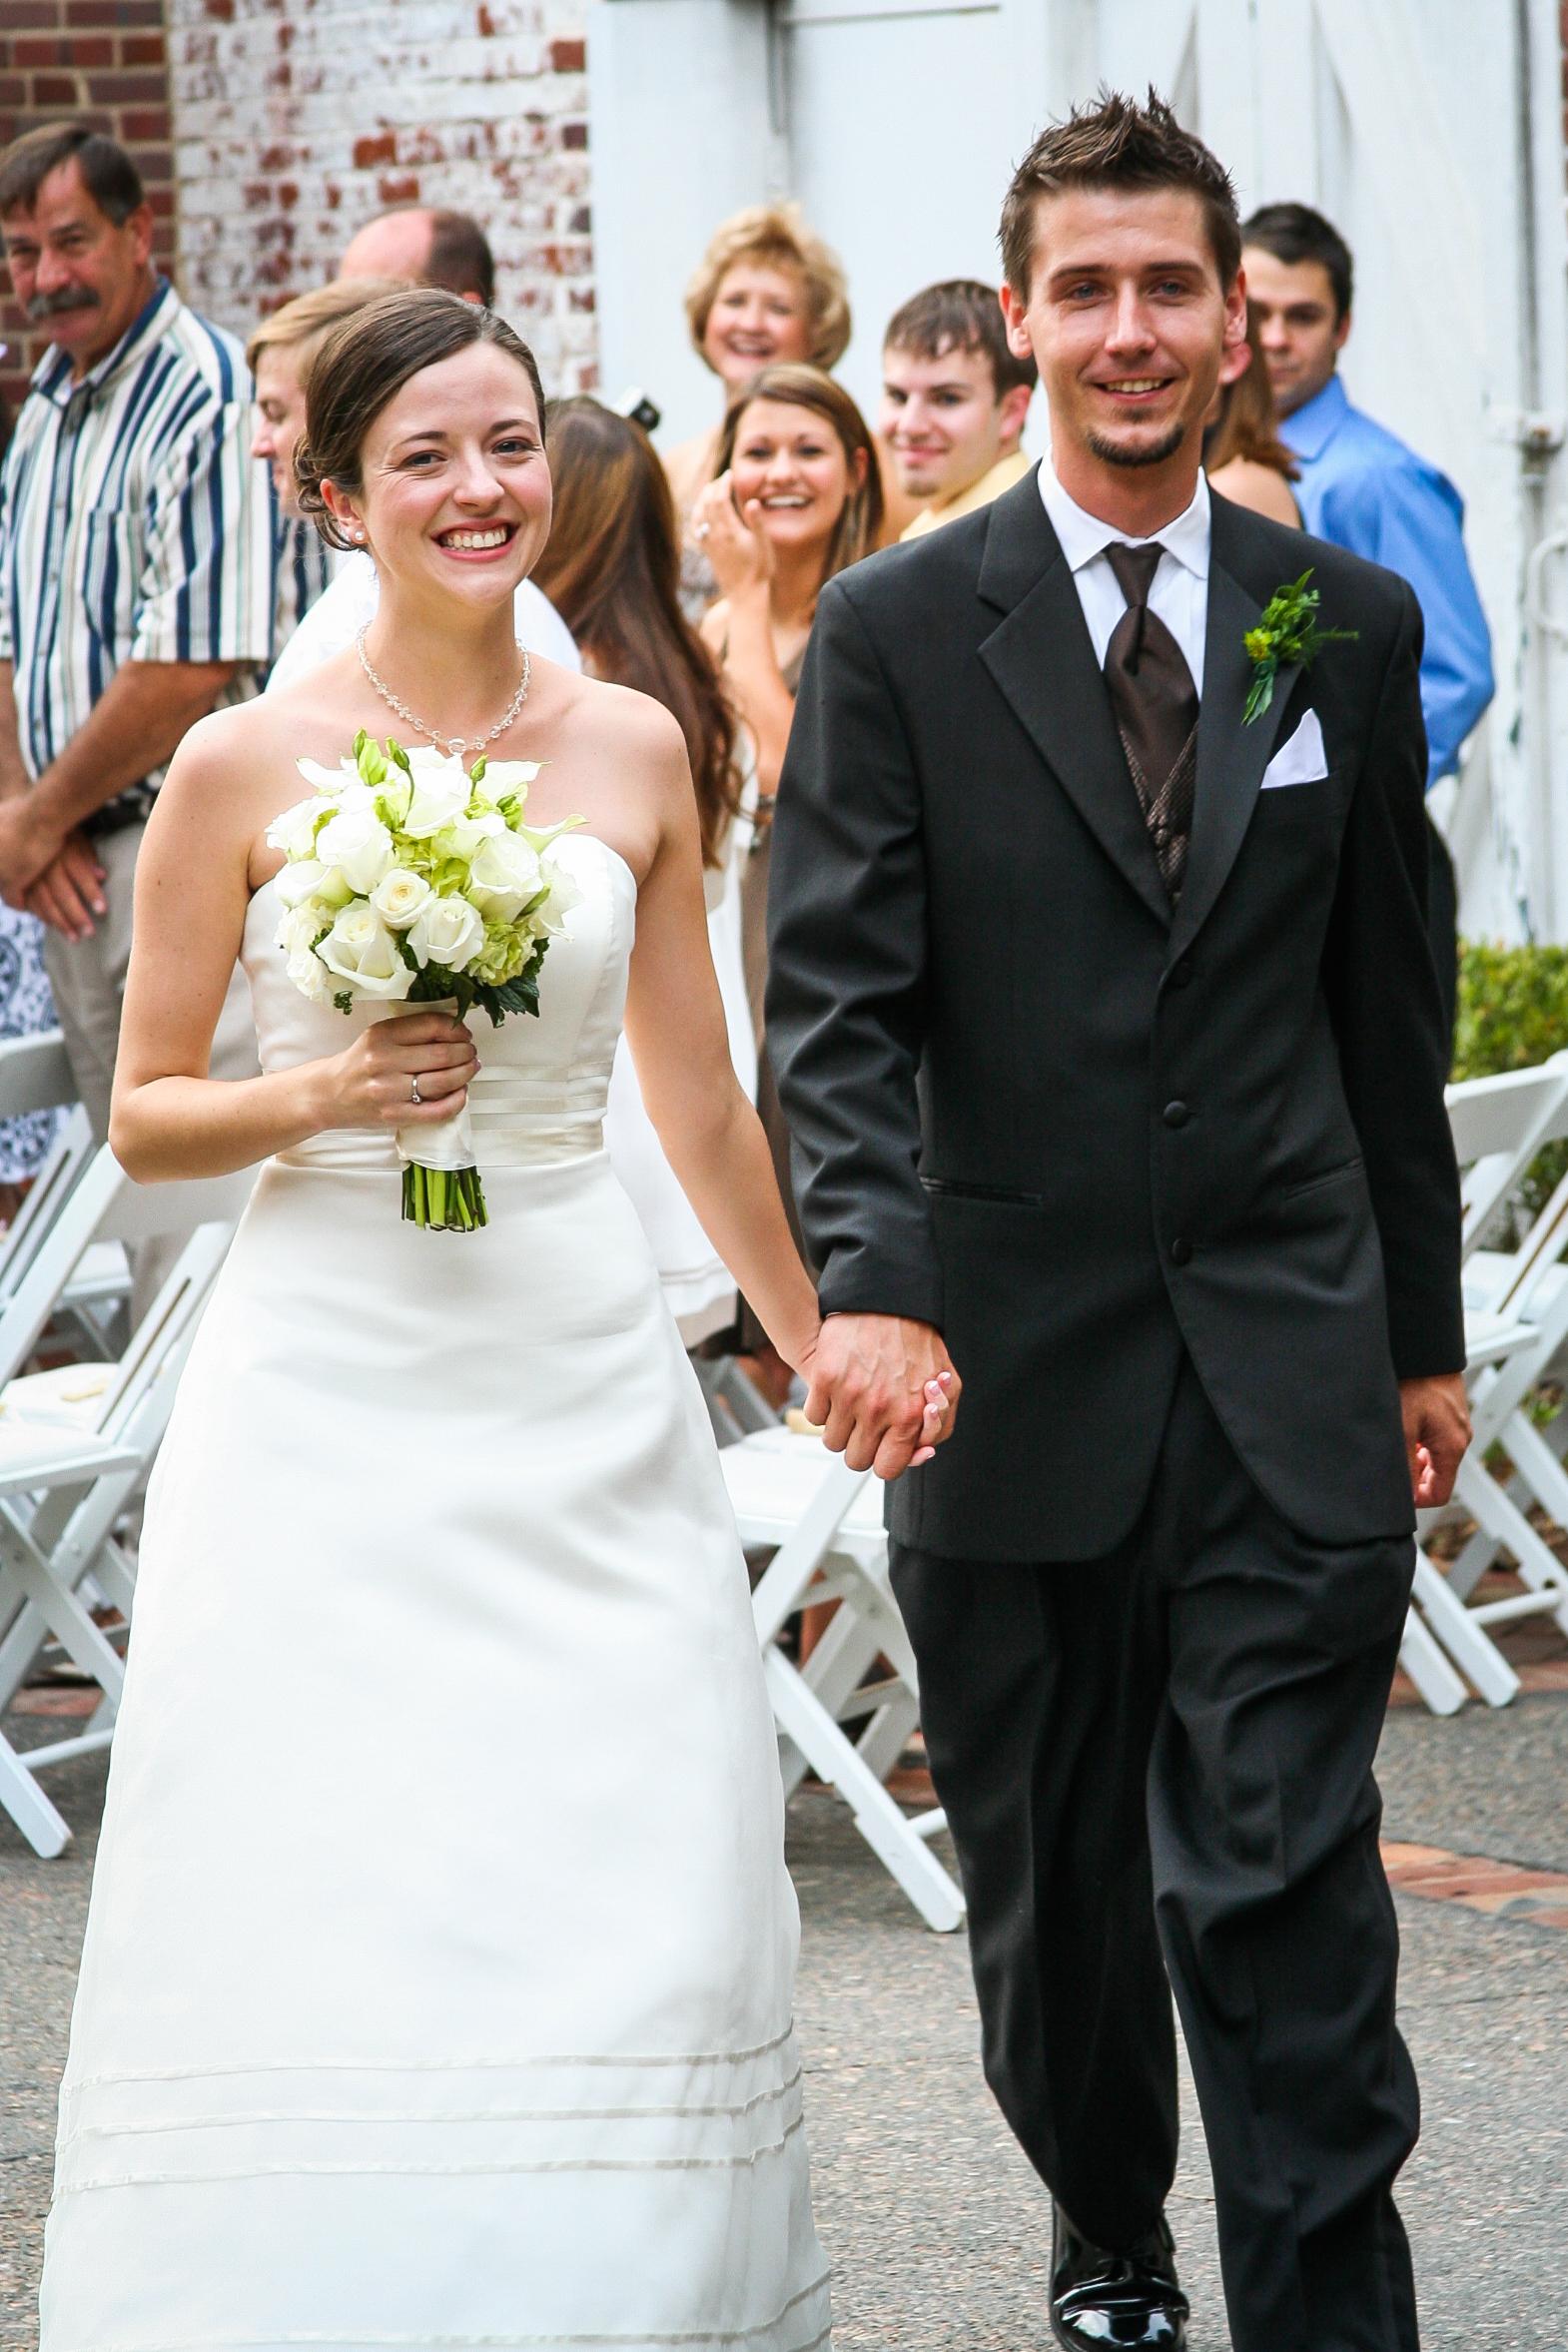 Weddings-72.jpg